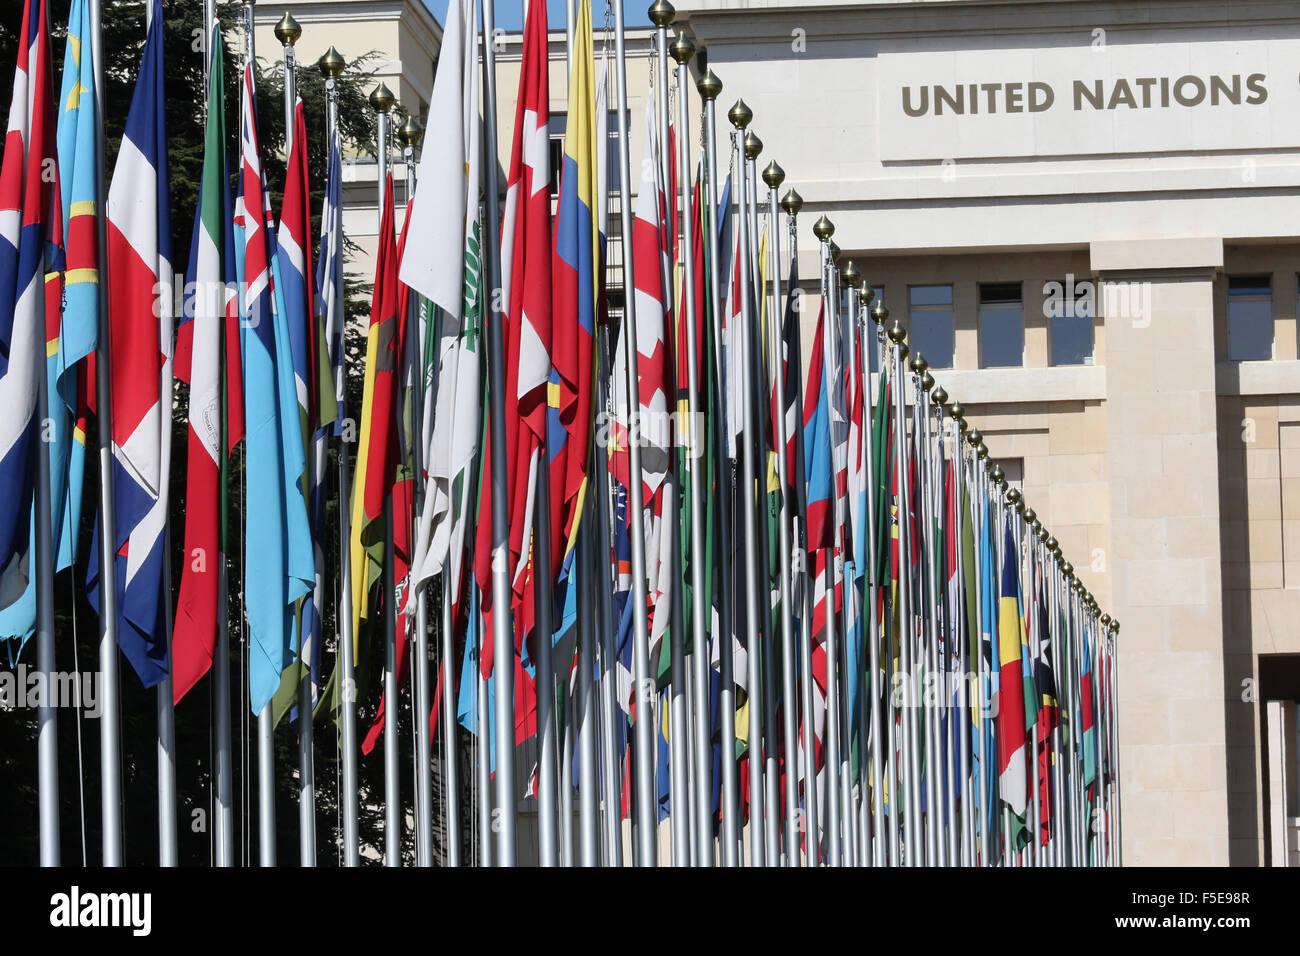 Bandiera rivestita approccio all'ingresso per le Nazioni Unite hanno sede a Ginevra, Svizzera, Europa Immagini Stock